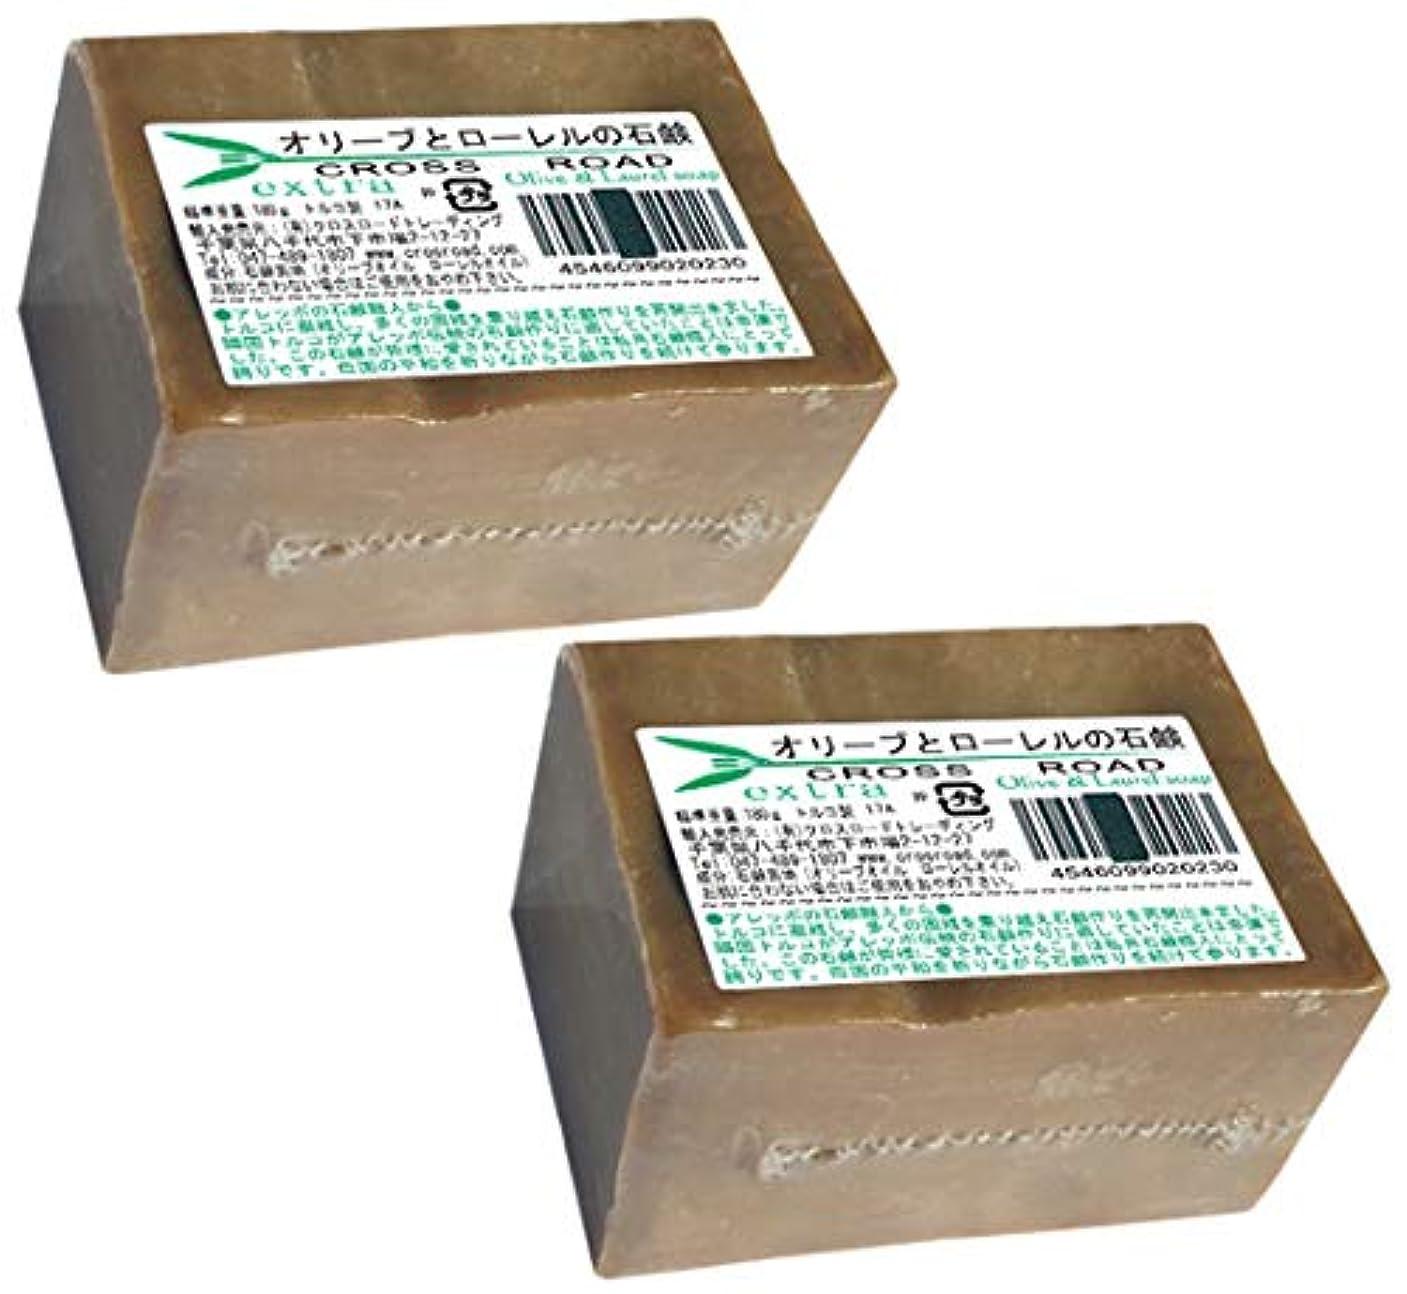 パン虚弱仕様オリーブとローレルの石鹸(エキストラ)2個セット[並行輸入品]